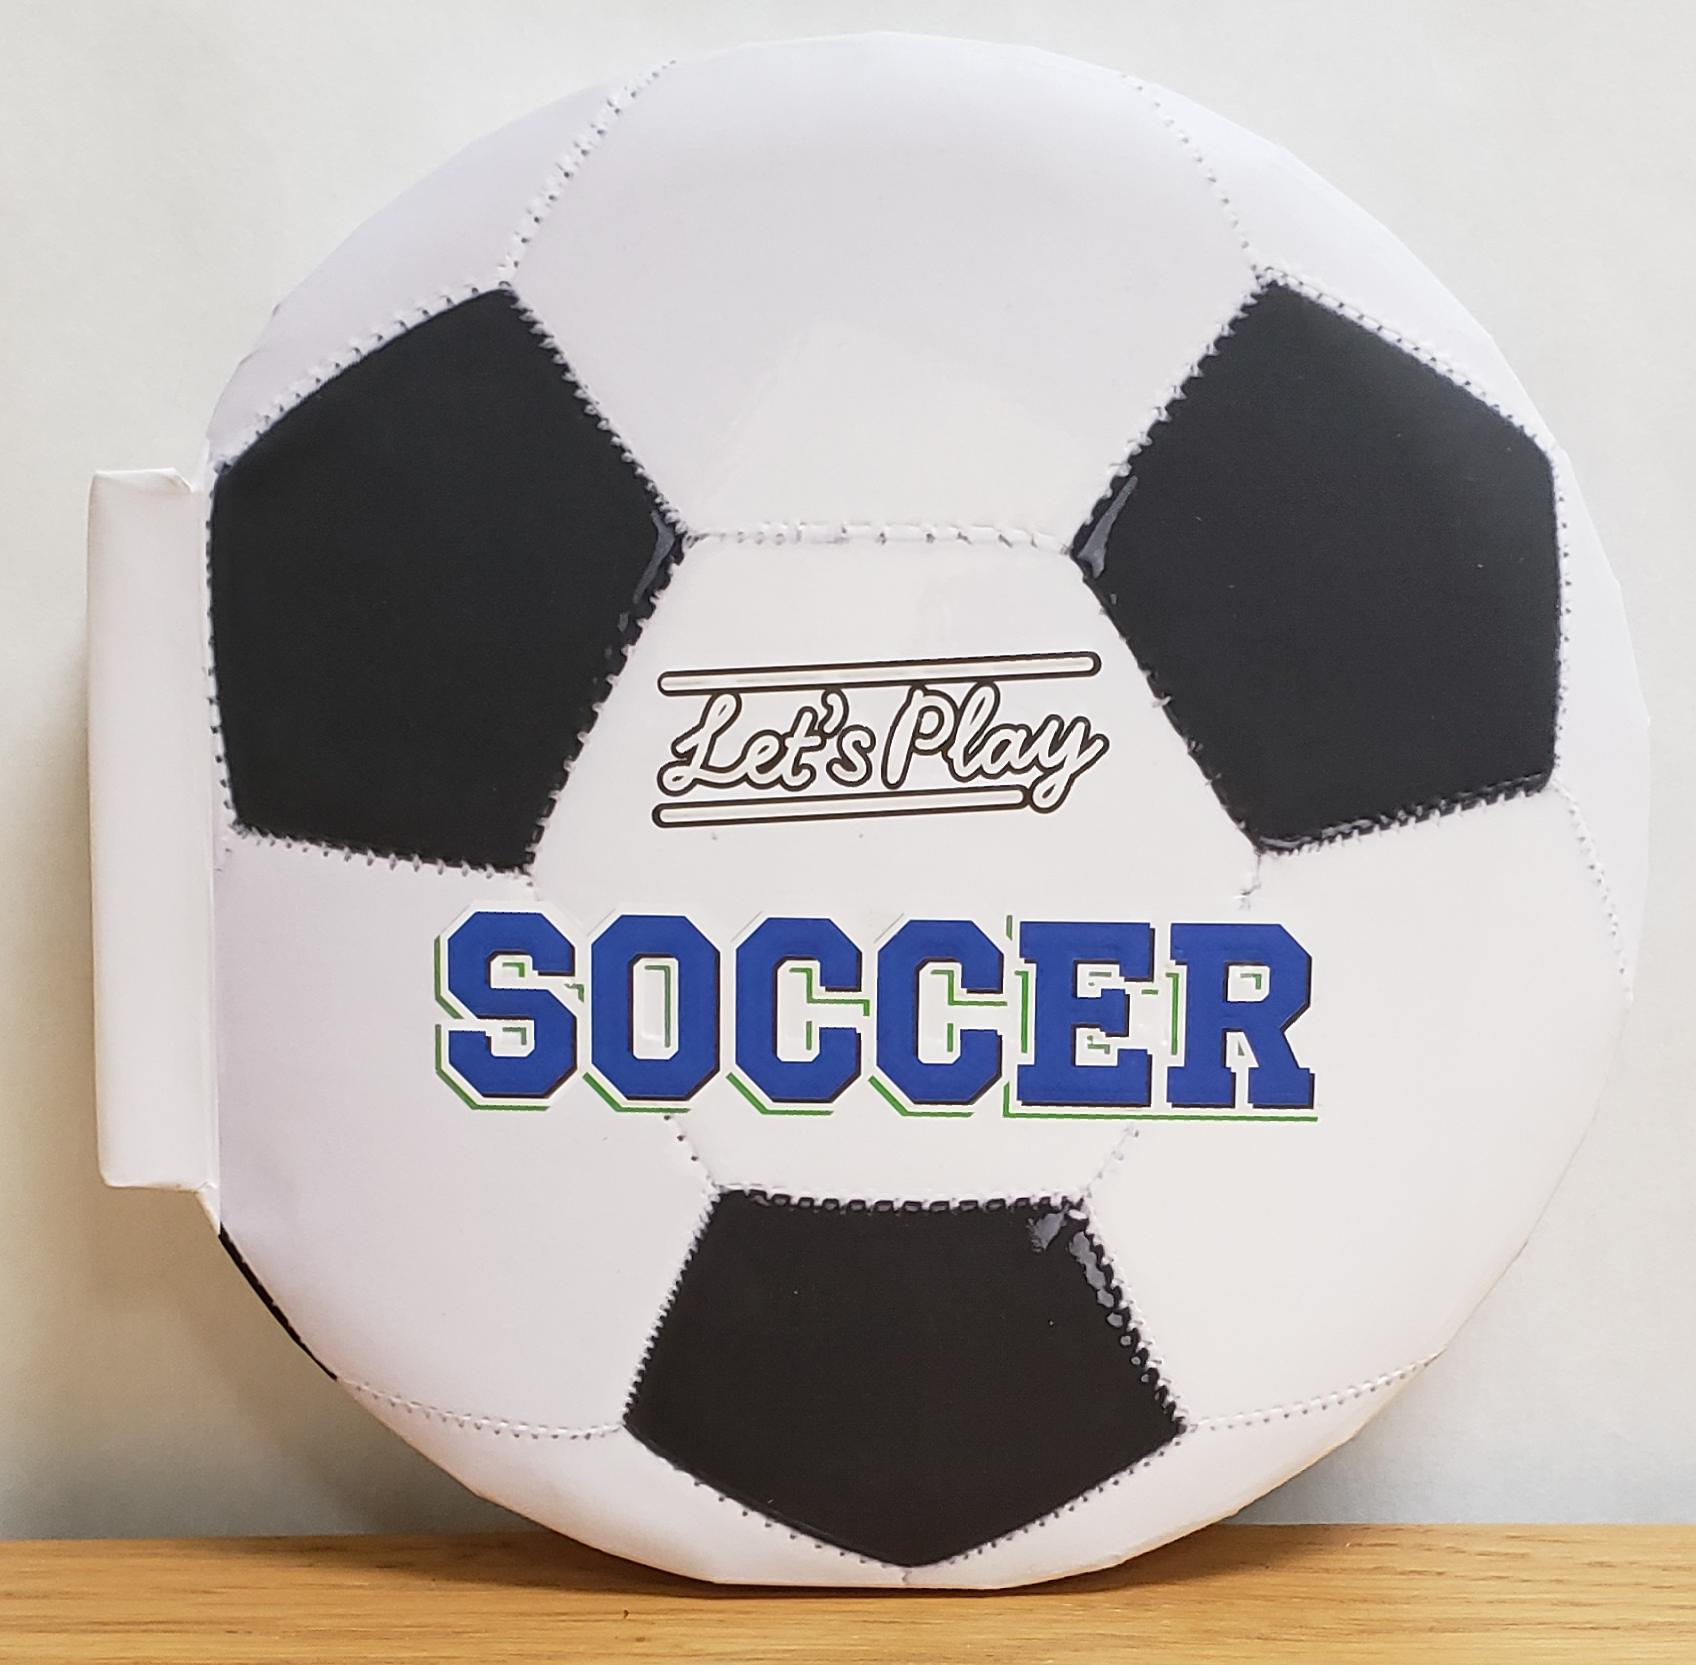 https://0201.nccdn.net/4_2/000/000/038/2d3/let-s-play-soccer.png